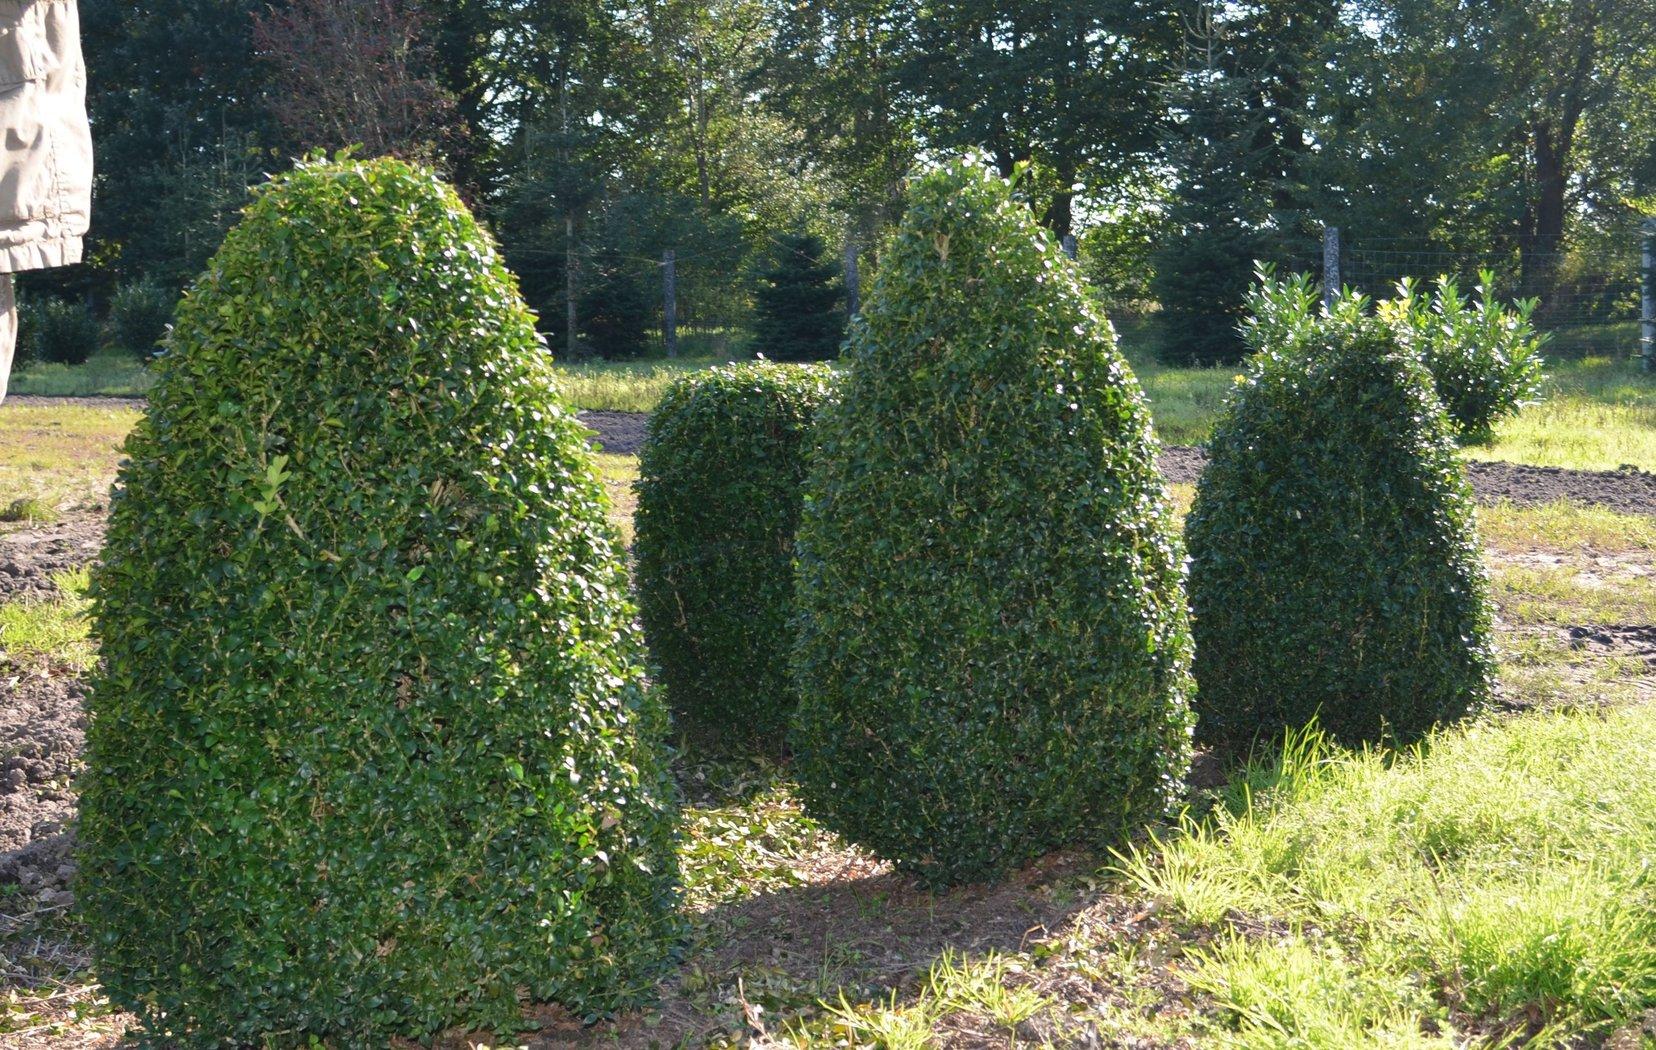 buchsbaum kegel 100cm hoch der pflanzenprofi aus ostfriesland. Black Bedroom Furniture Sets. Home Design Ideas